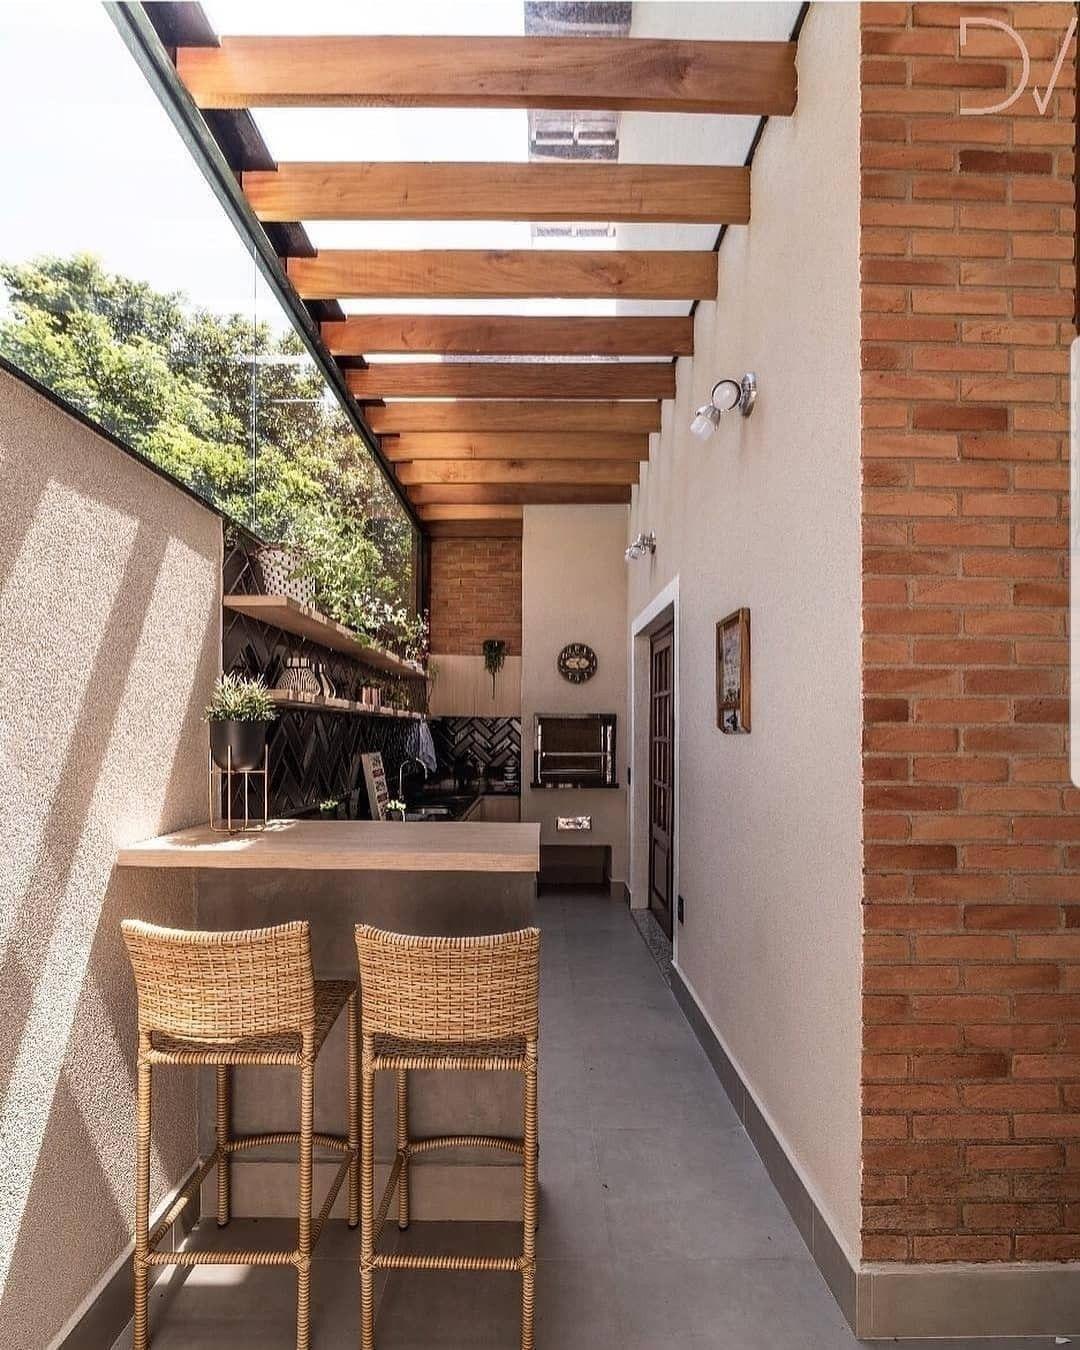 Pin By Add Aranda On Decoracao De Casa In 2020 Patio Patio Interior Outdoor Patio